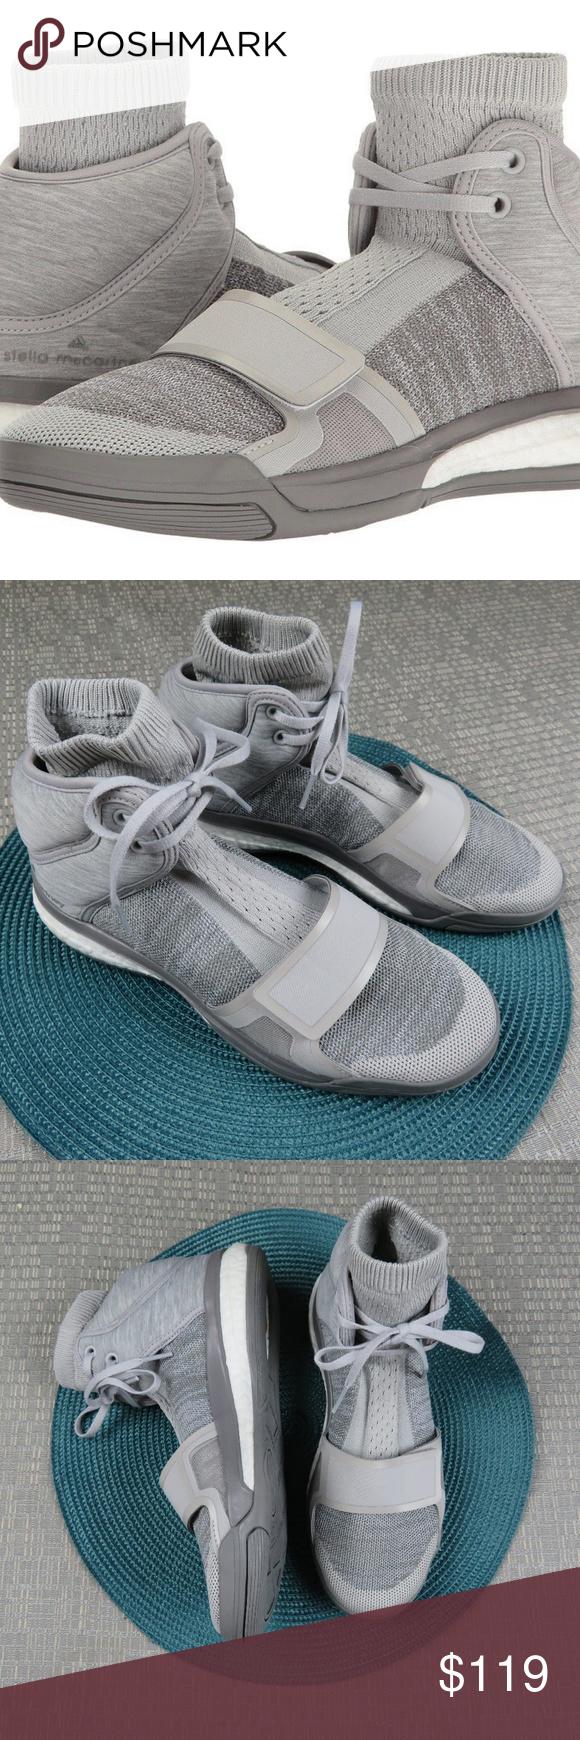 Adidas x stella mccartney gray impulso vibrazione scarpe nuove senza scatola